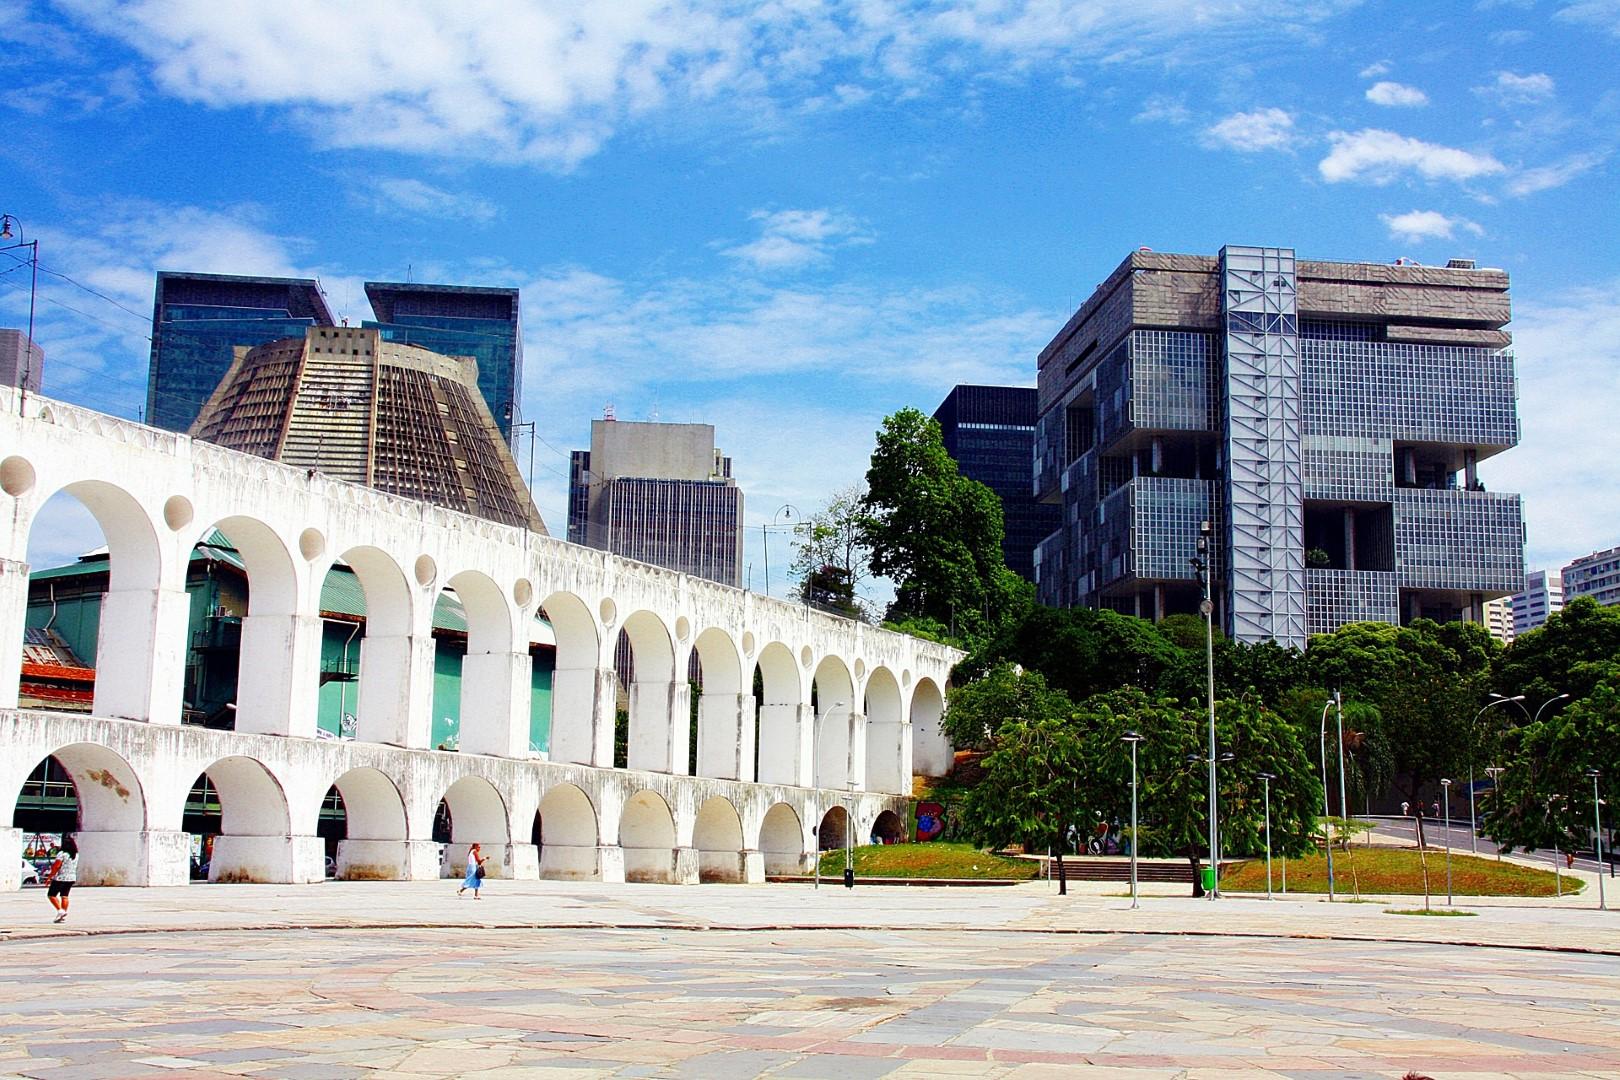 Gerenciamento de Redes Sociais em Gericinó – Rio de Janeiro – RJ